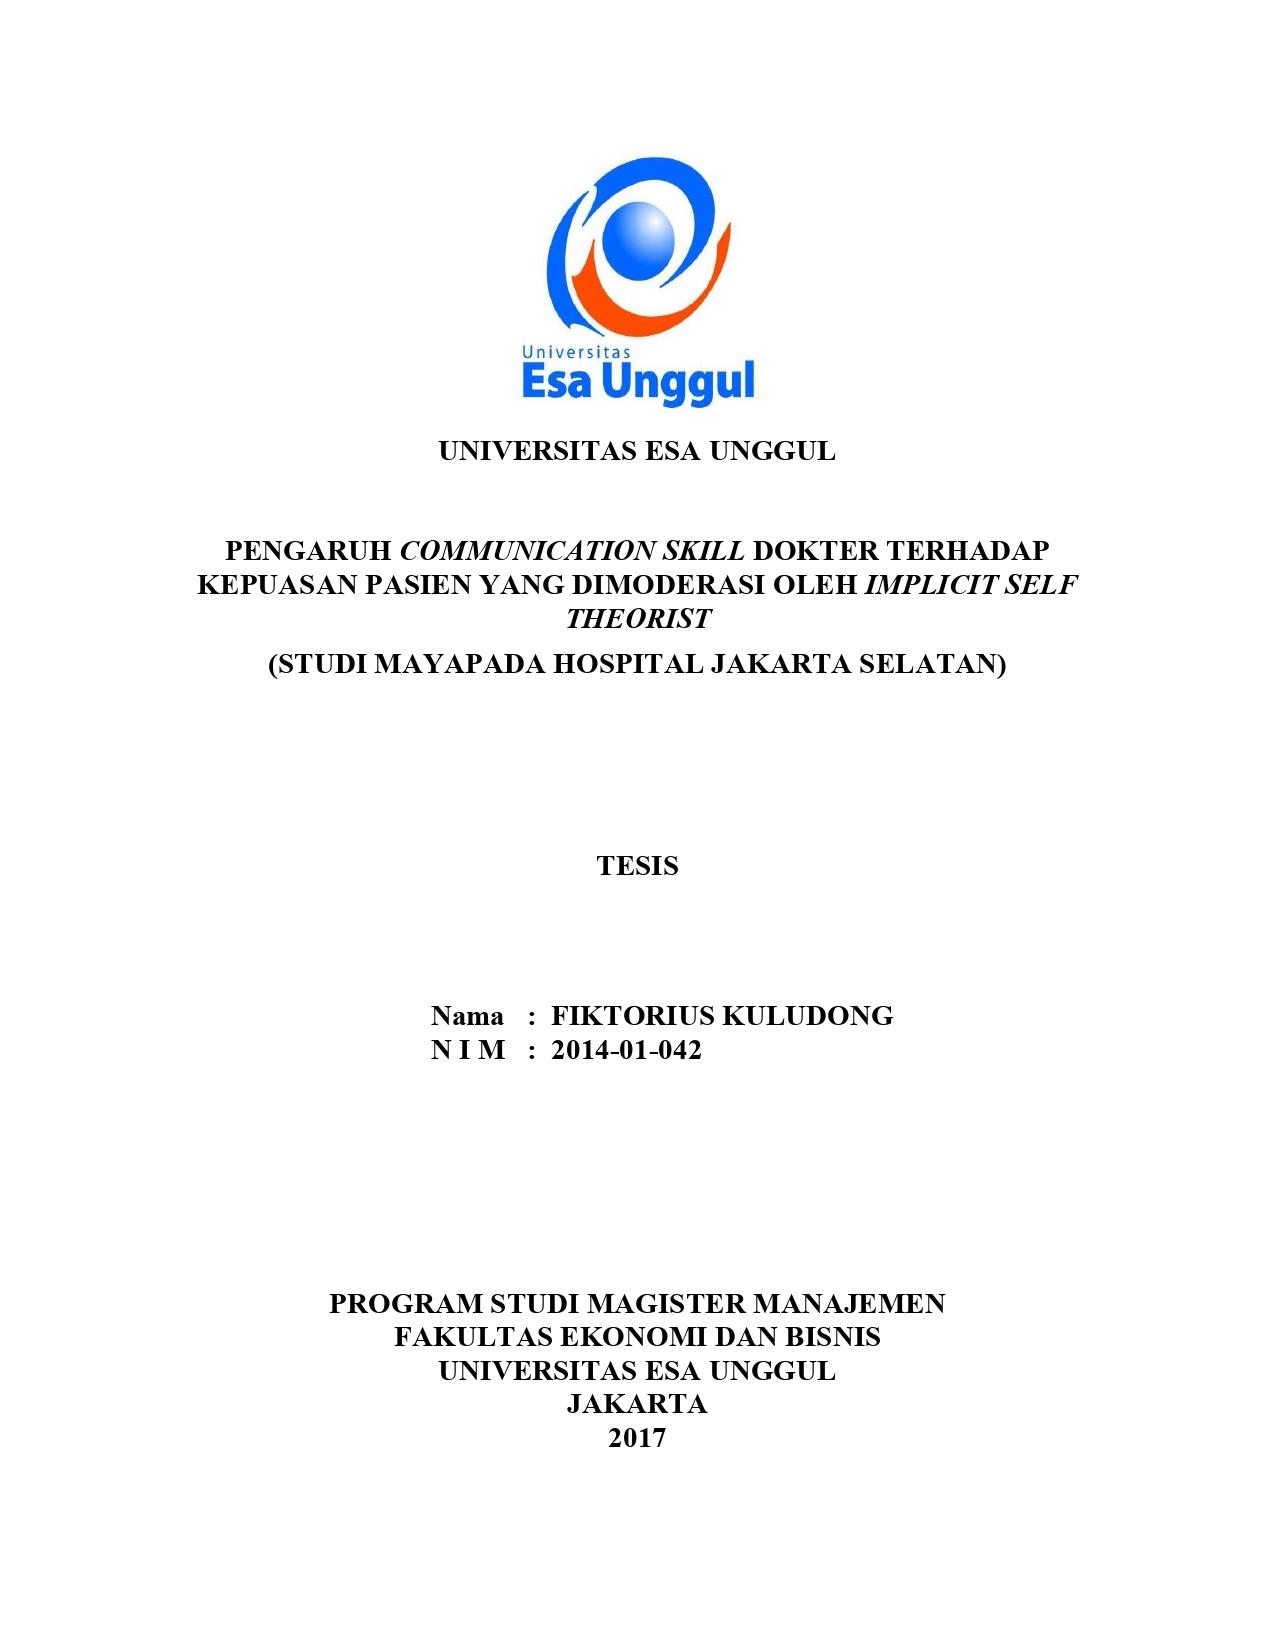 Koleksi Skripsi Tesis Dan Disertasi Universitas Esa Unggul